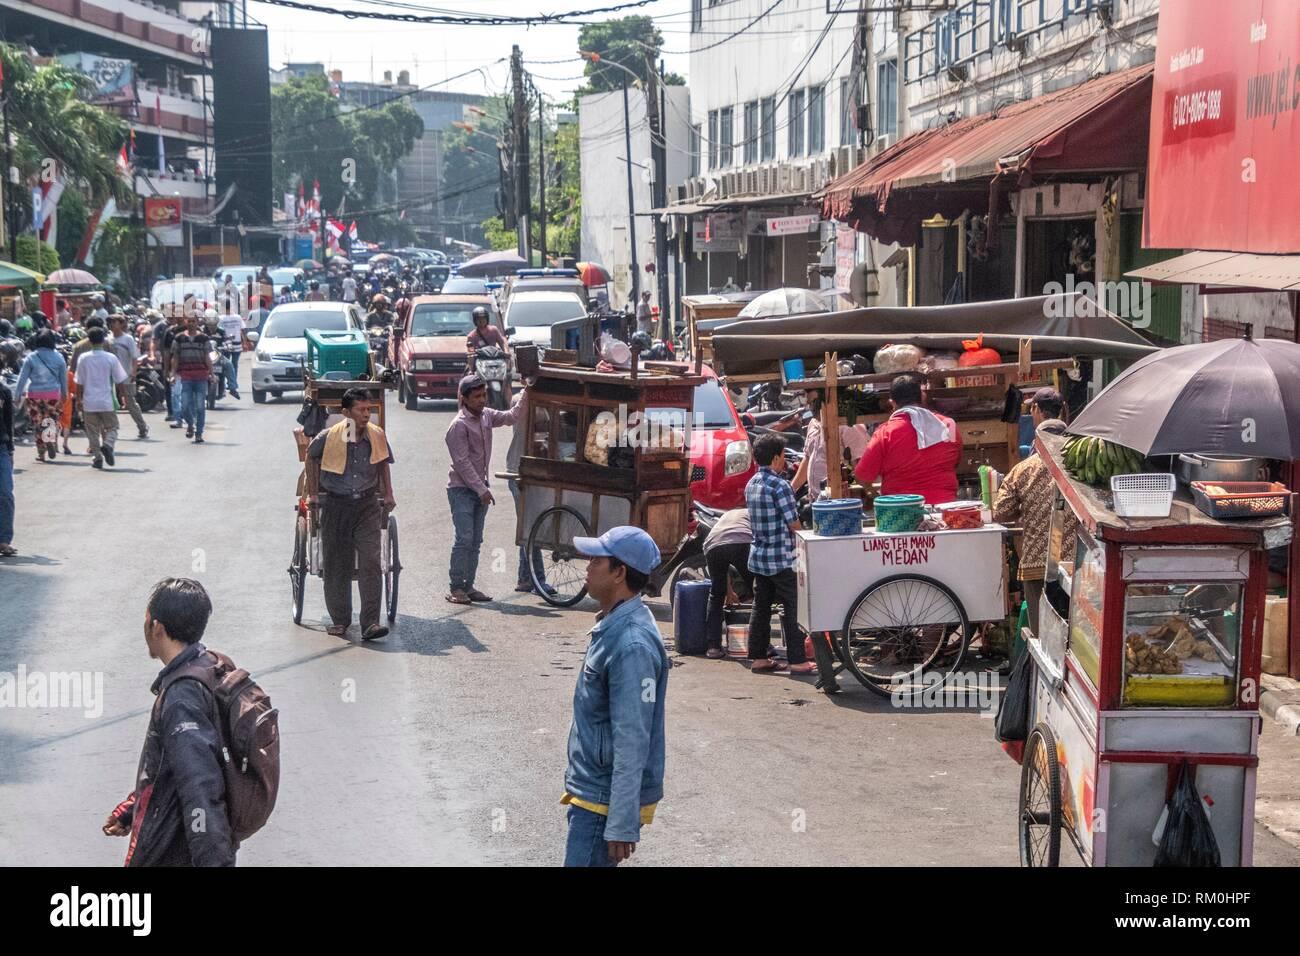 Street vendor in Jakarta, Indonesia - Stock Image